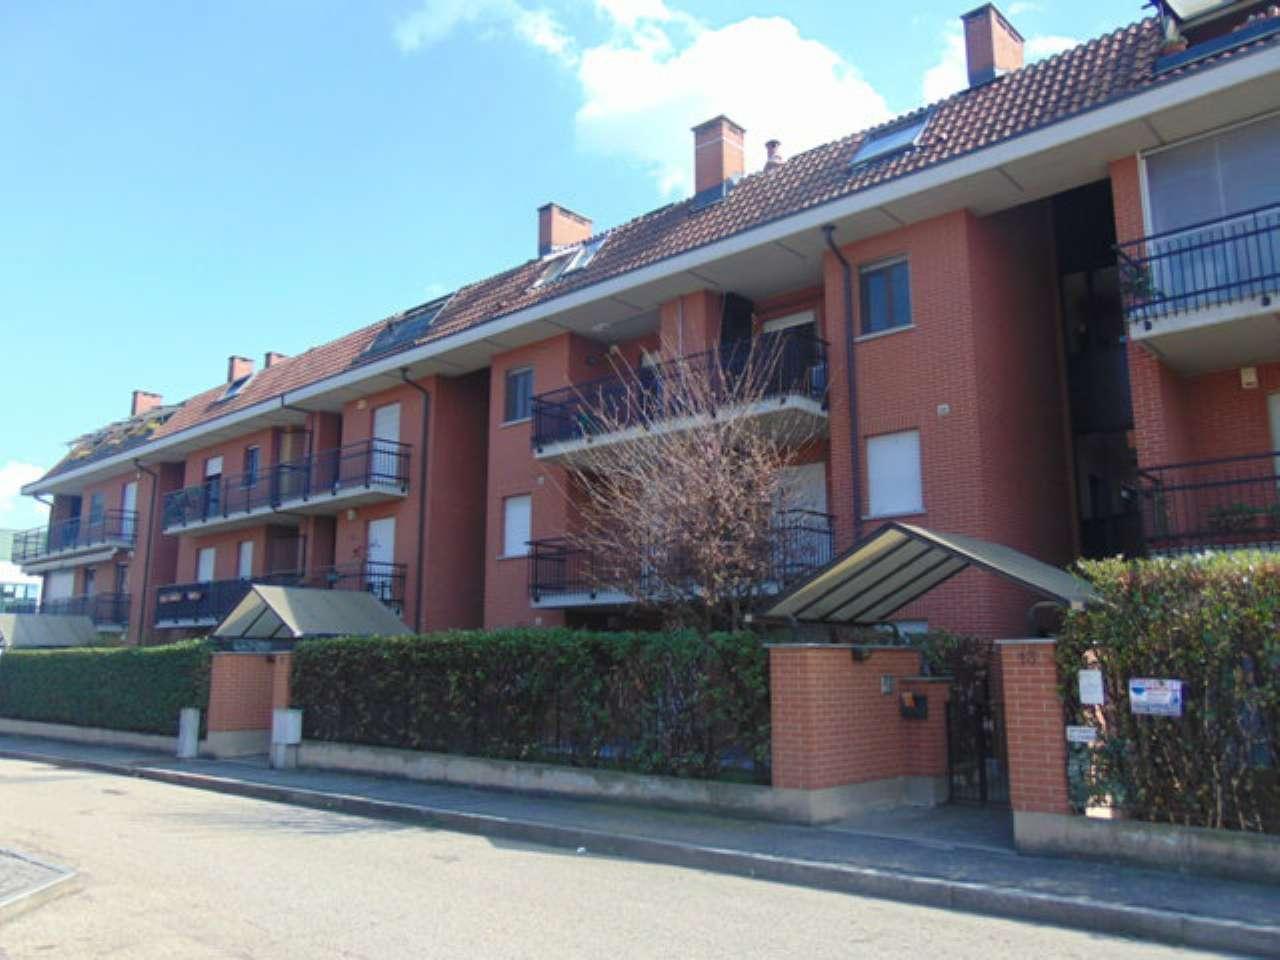 Vendita appartamenti trilocali a venaria reale for Appartamento venaria